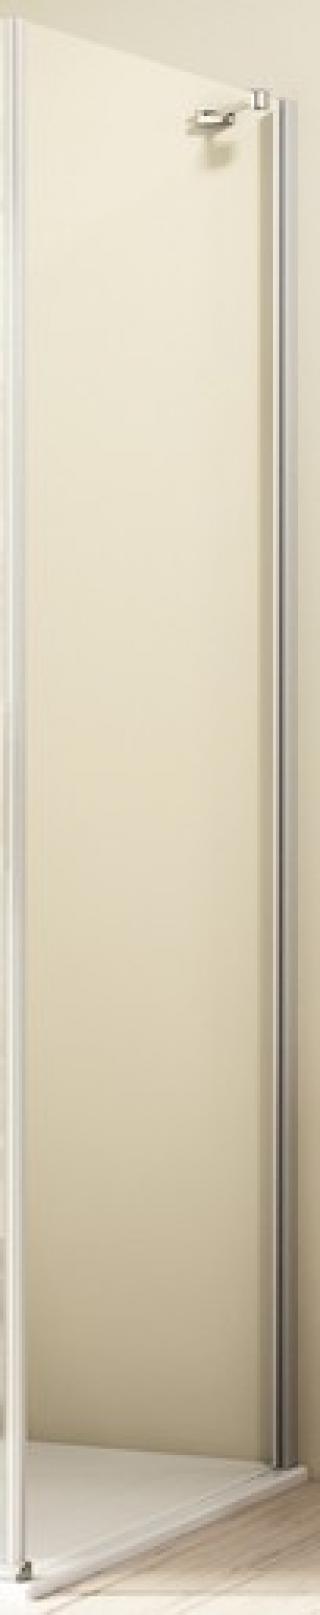 Boční zástěna ke sprchovým dveřím 80x190 cm Huppe Design Elegance chrom lesklý 8E1003.092.321